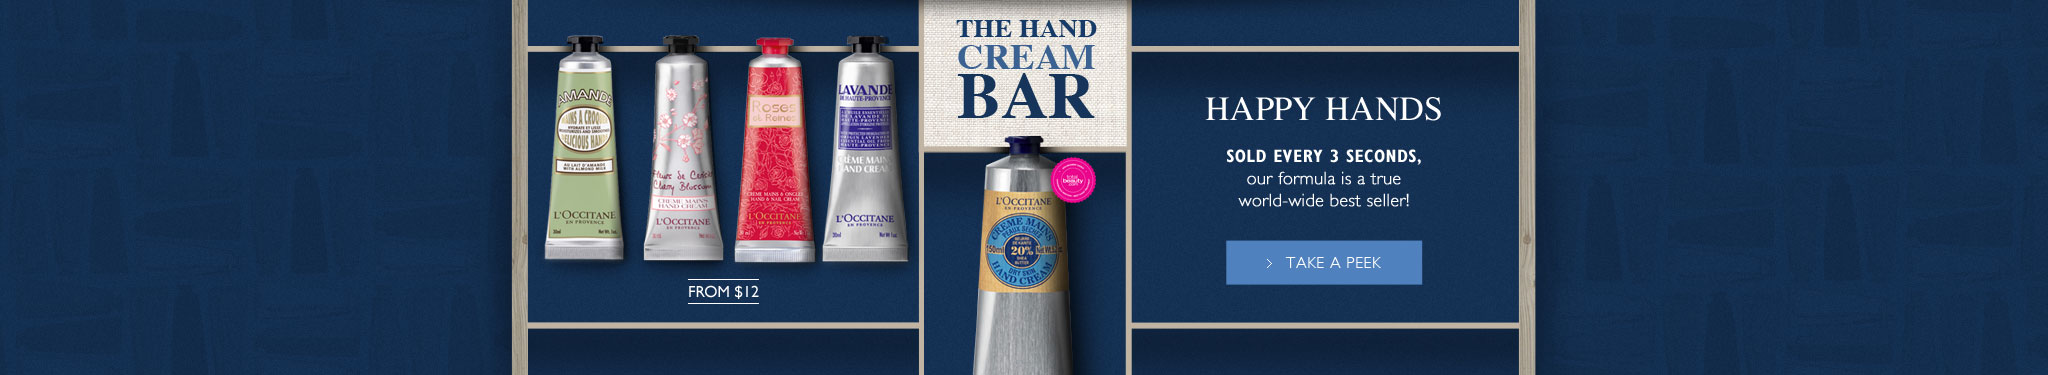 Happy Hands - Shea Butter hand cream bar